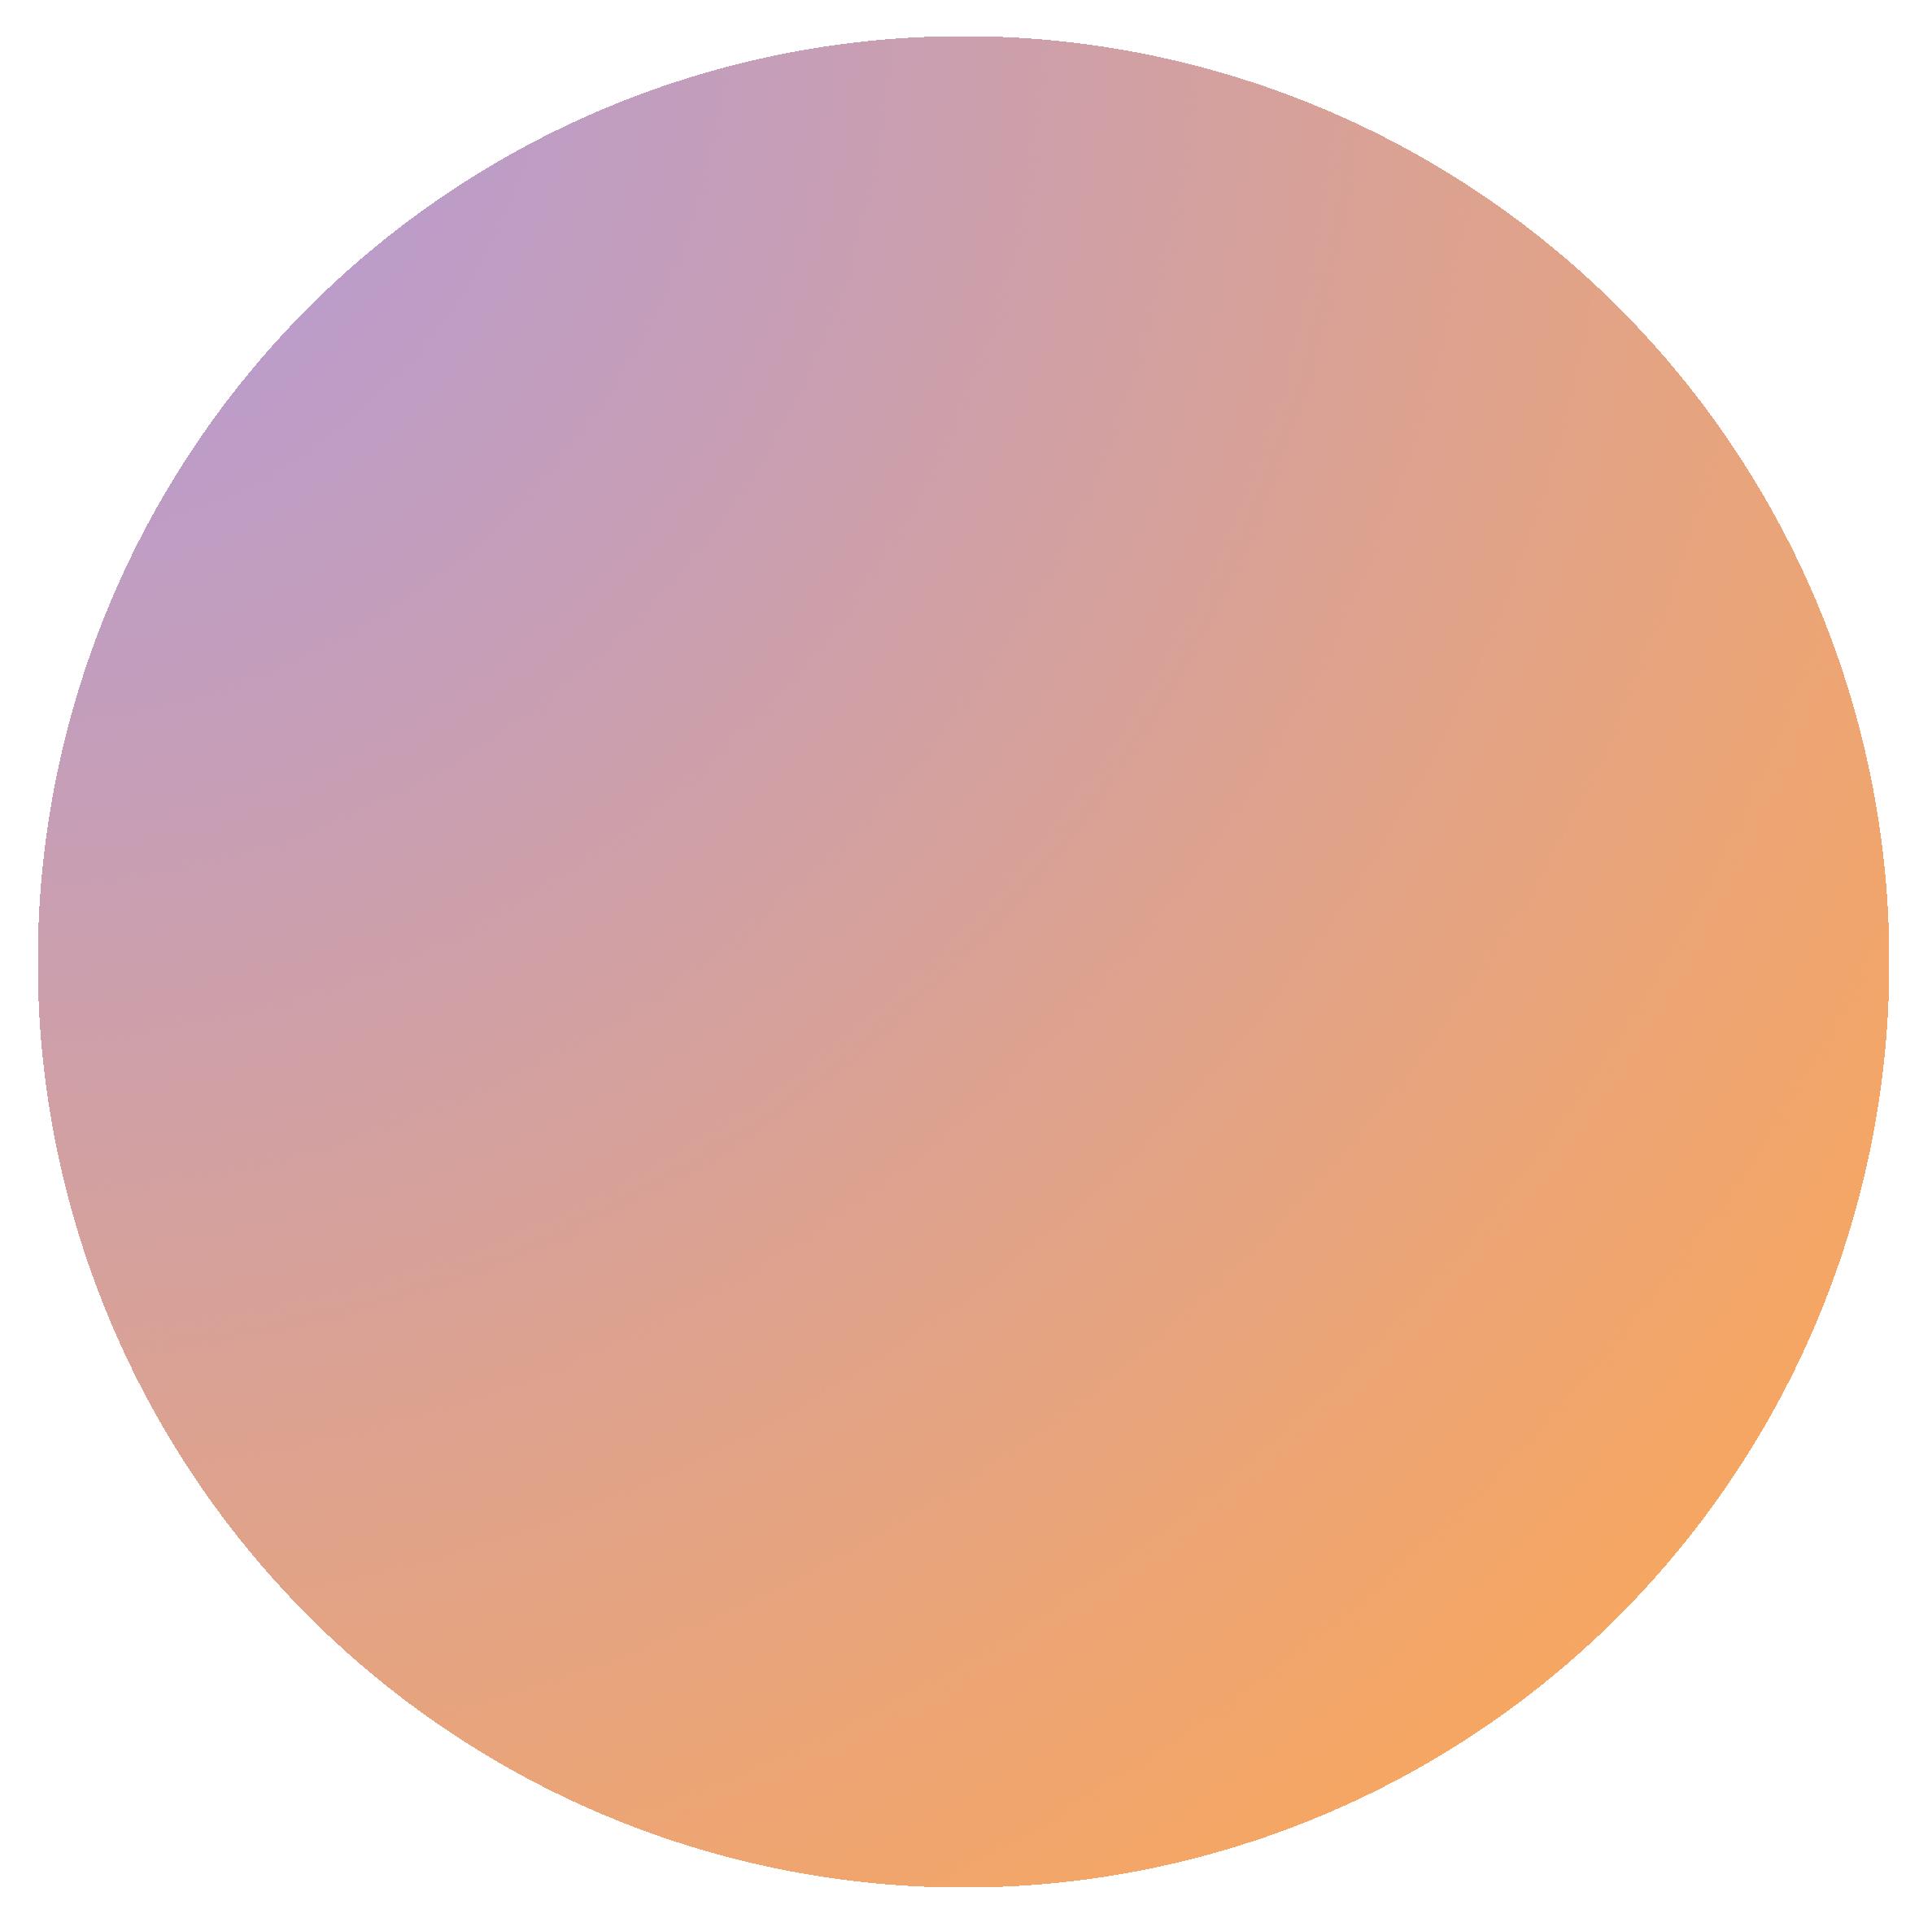 GRADIENT-CIRCLE-.png